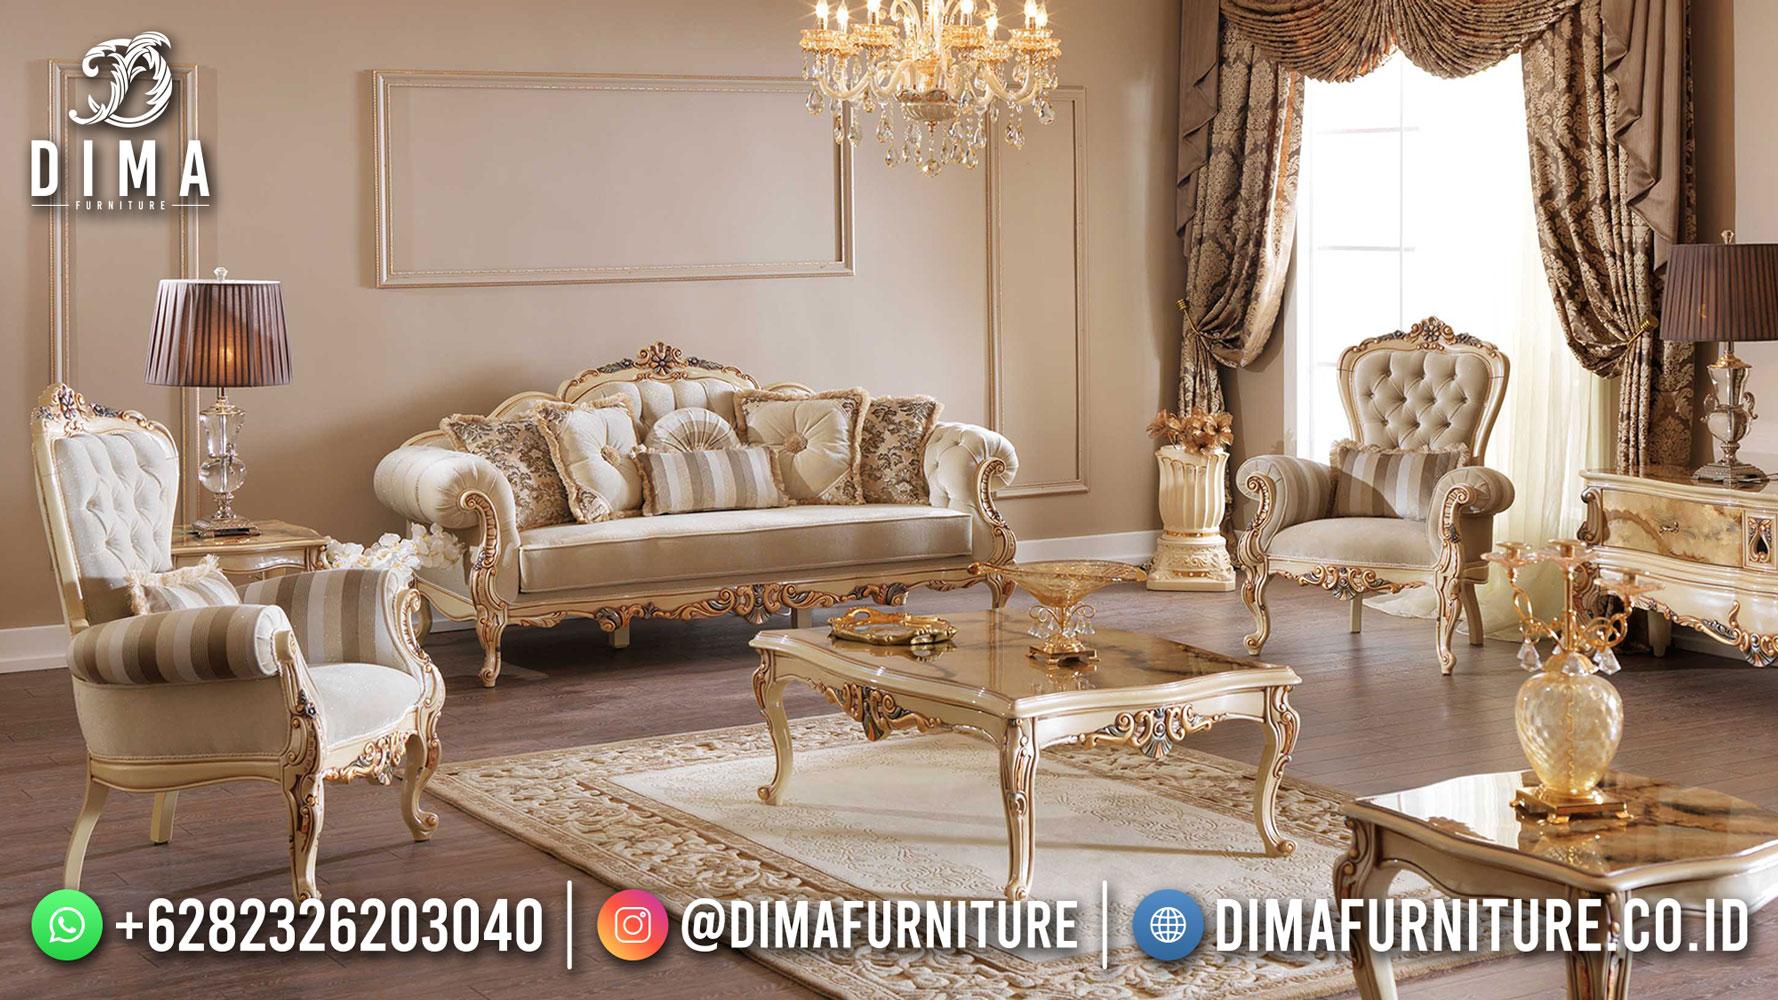 Jual Set Sofa Ruang Tamu Klasik Mewah Ukiran Jepara New 2021 DF-1527